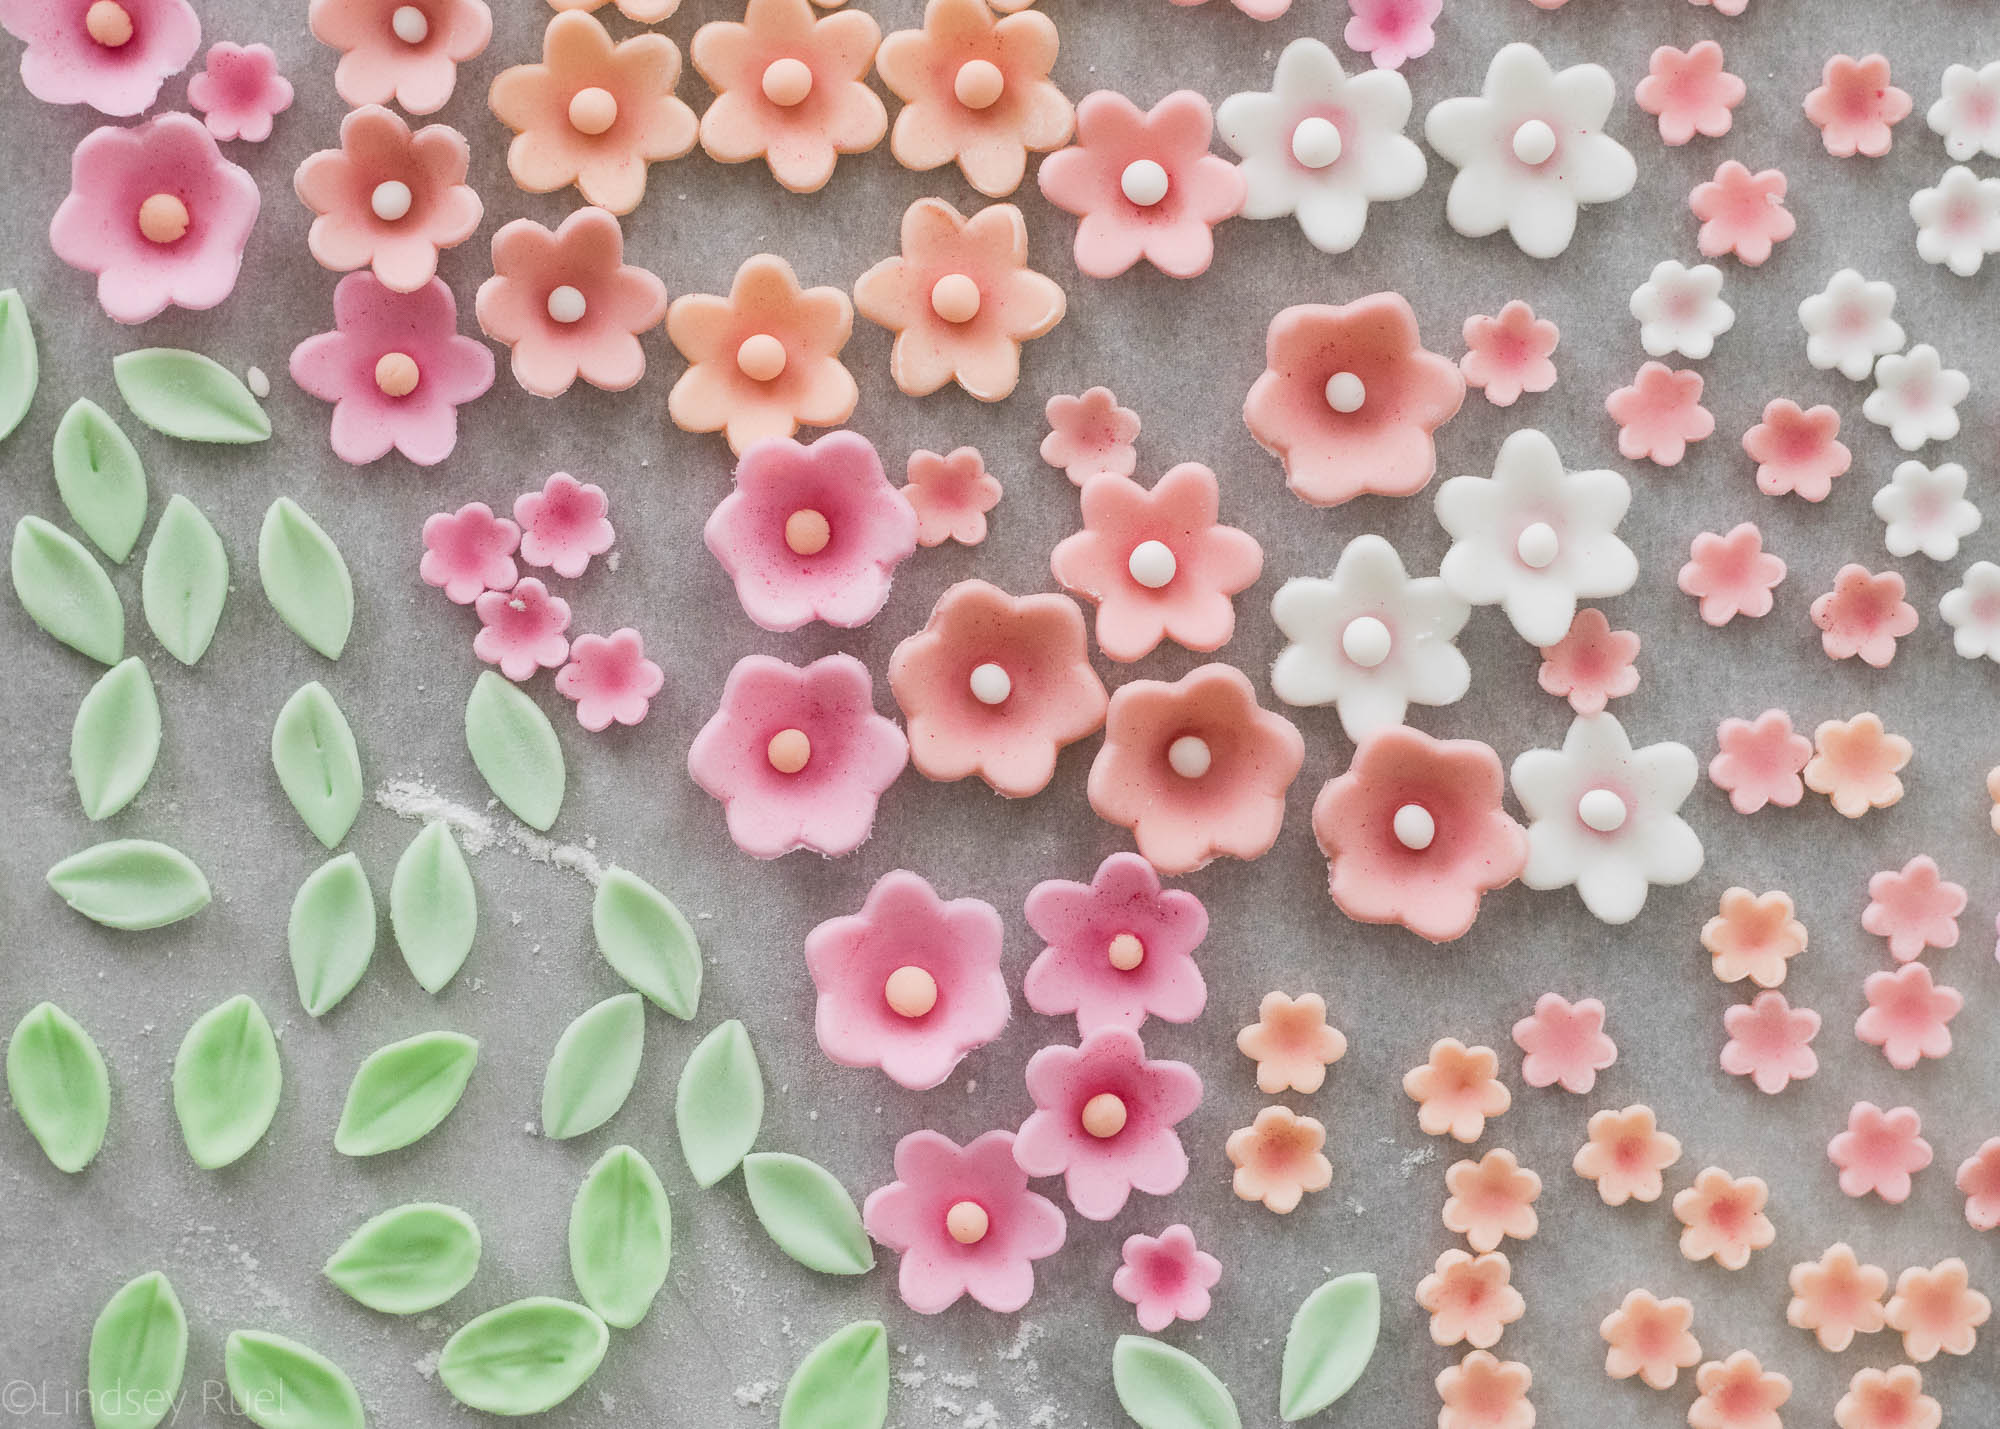 Fondant-Flower-Cookies-8.jpg